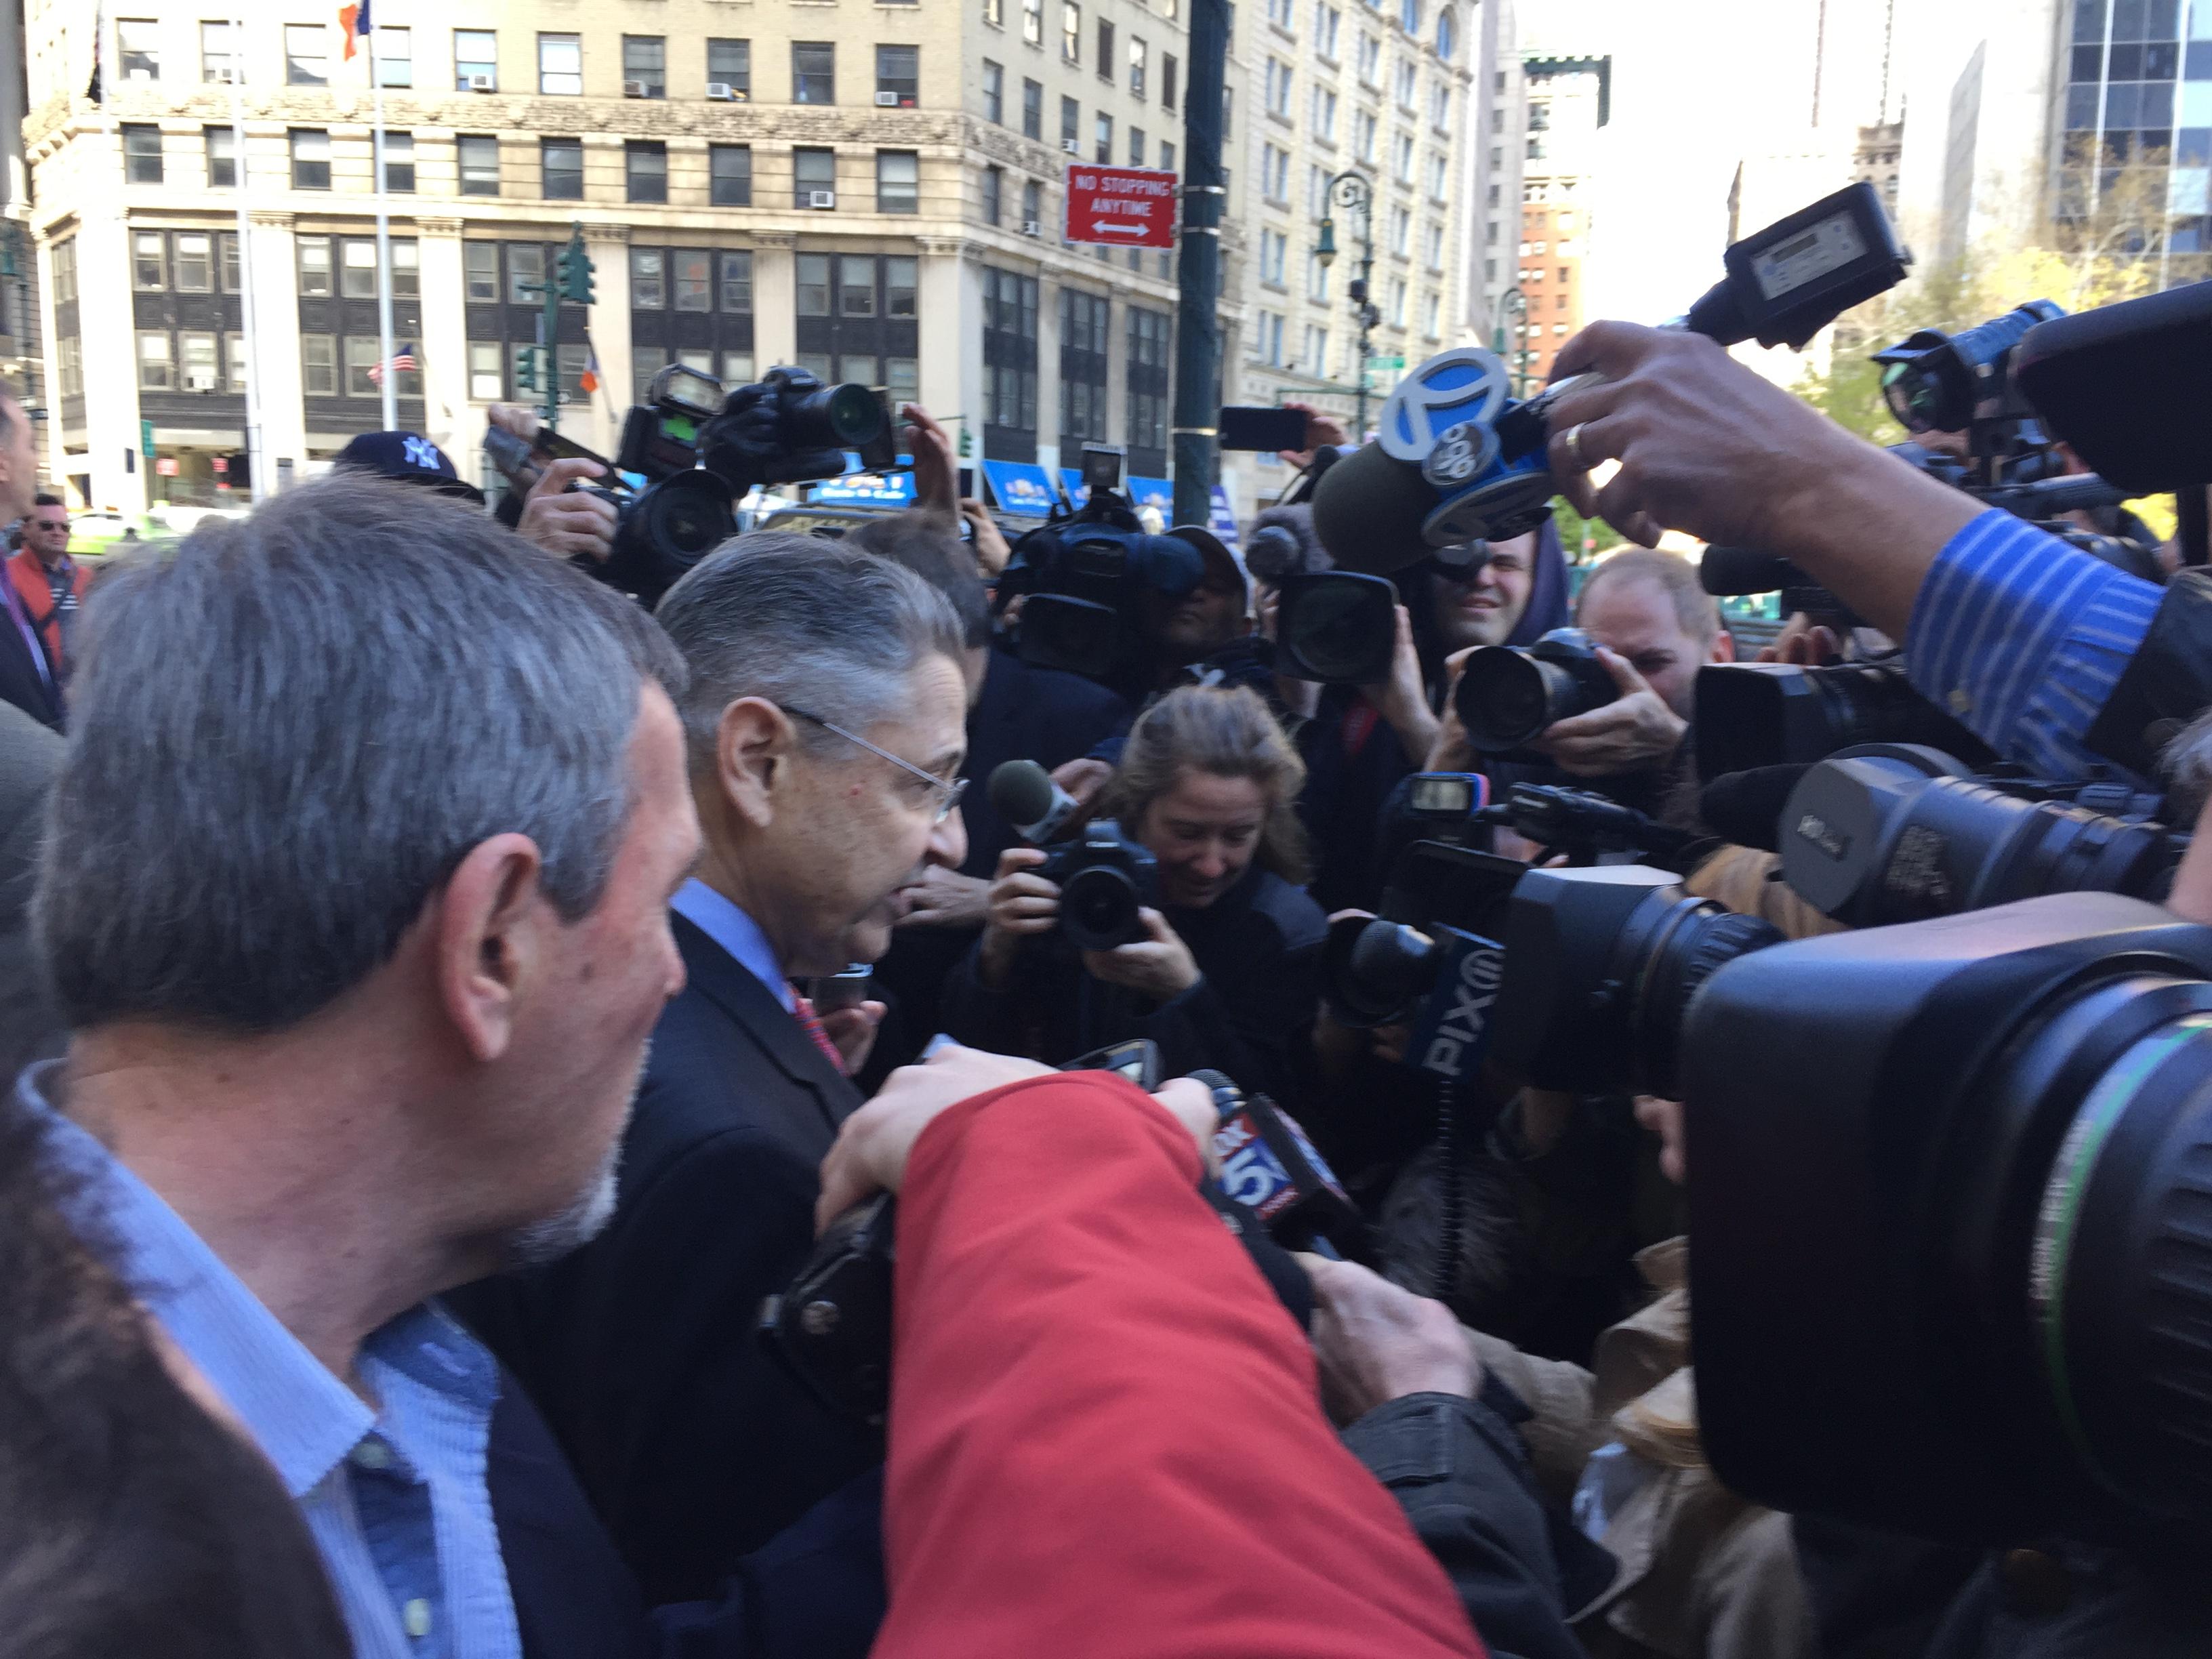 Former Assembly Speaker Sheldon Silver outside federal court this morning. (Photo: Jillian Jorgensen/New York Observer)